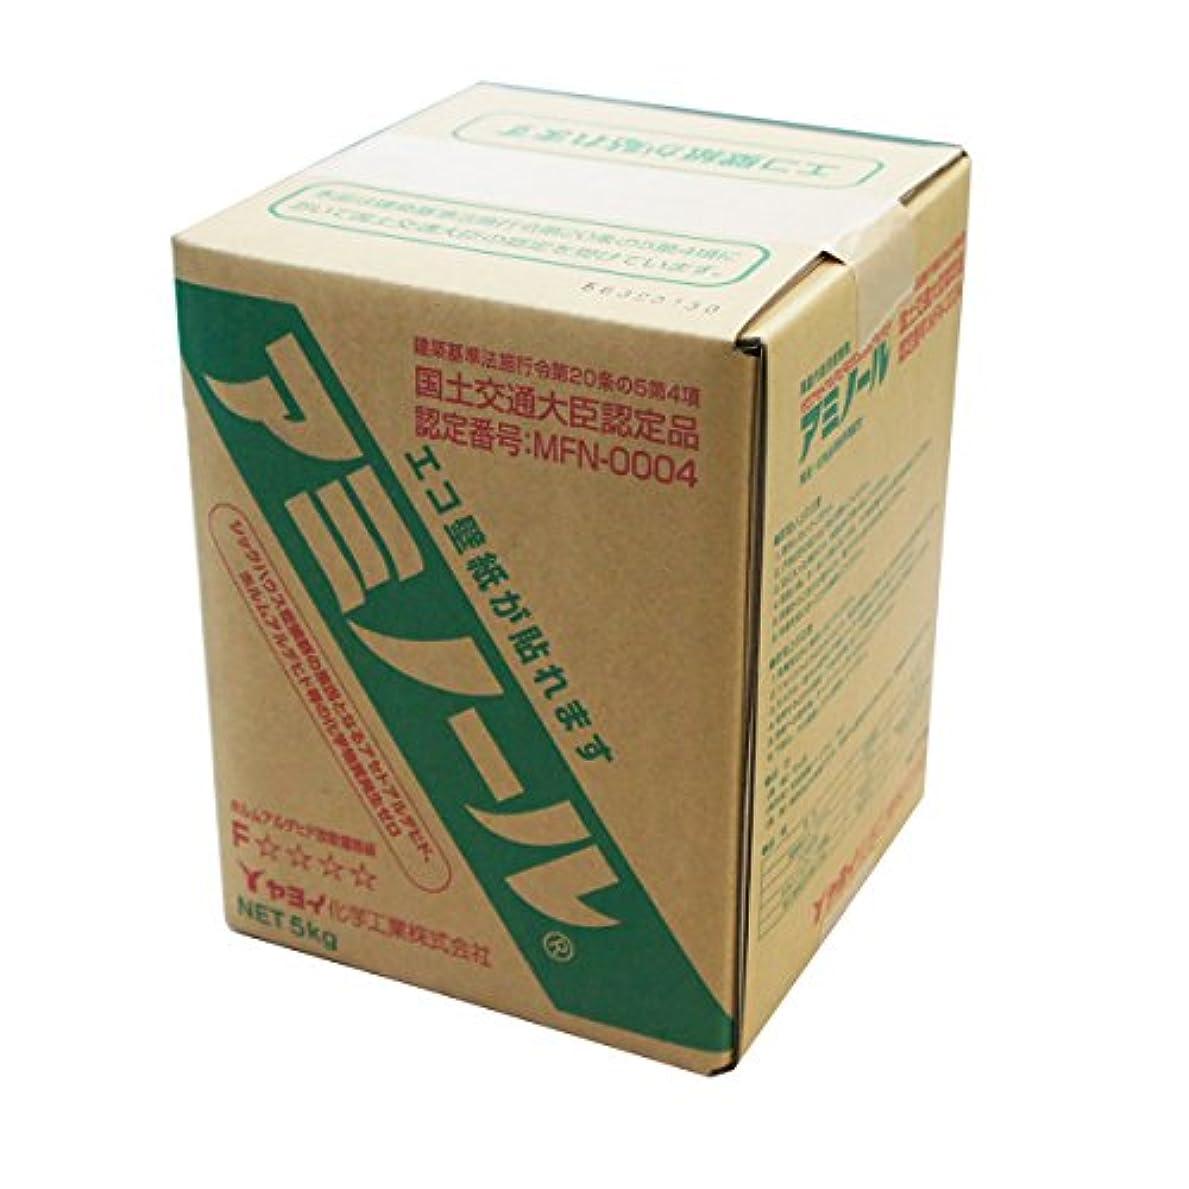 取り除く用心するビーズ矢沢化学工業かべ紙用強力接着剤かべ紙ボンド1.5kg